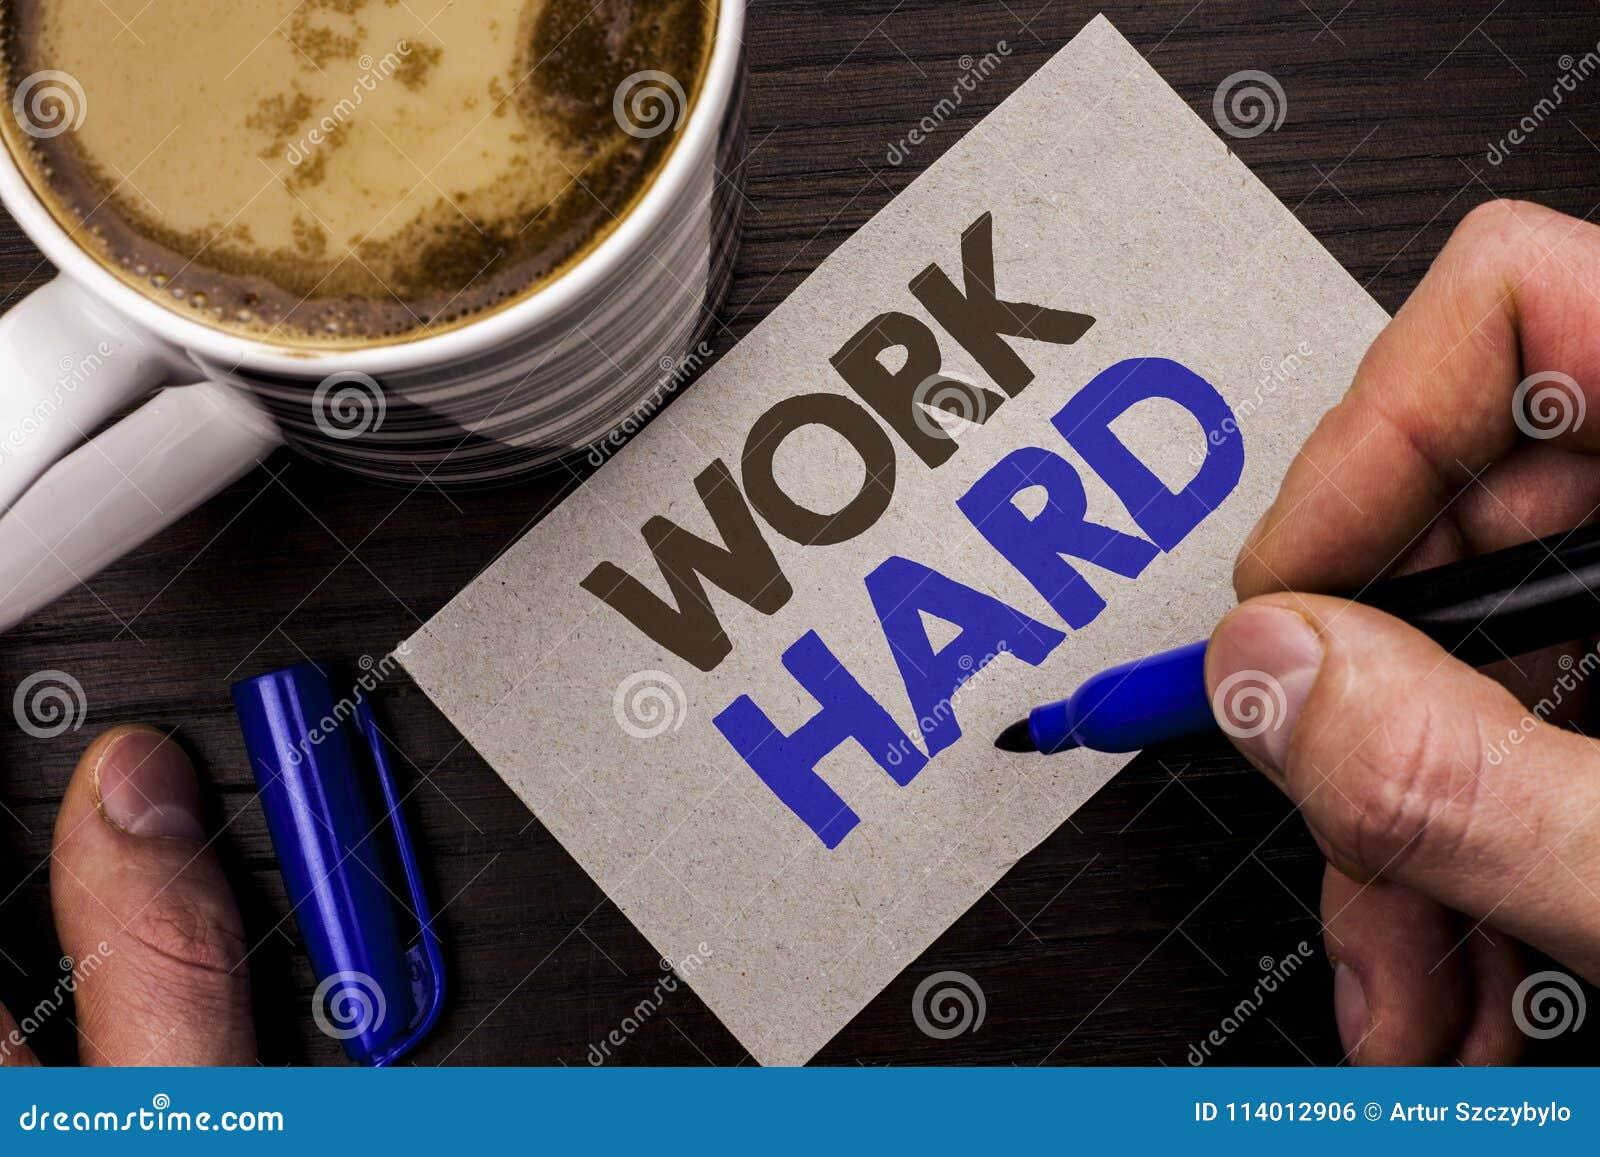 Схематическая работа показа сочинительства руки крепко Исковое заявление действия достижения мотивировки гонора усилия успеха схв